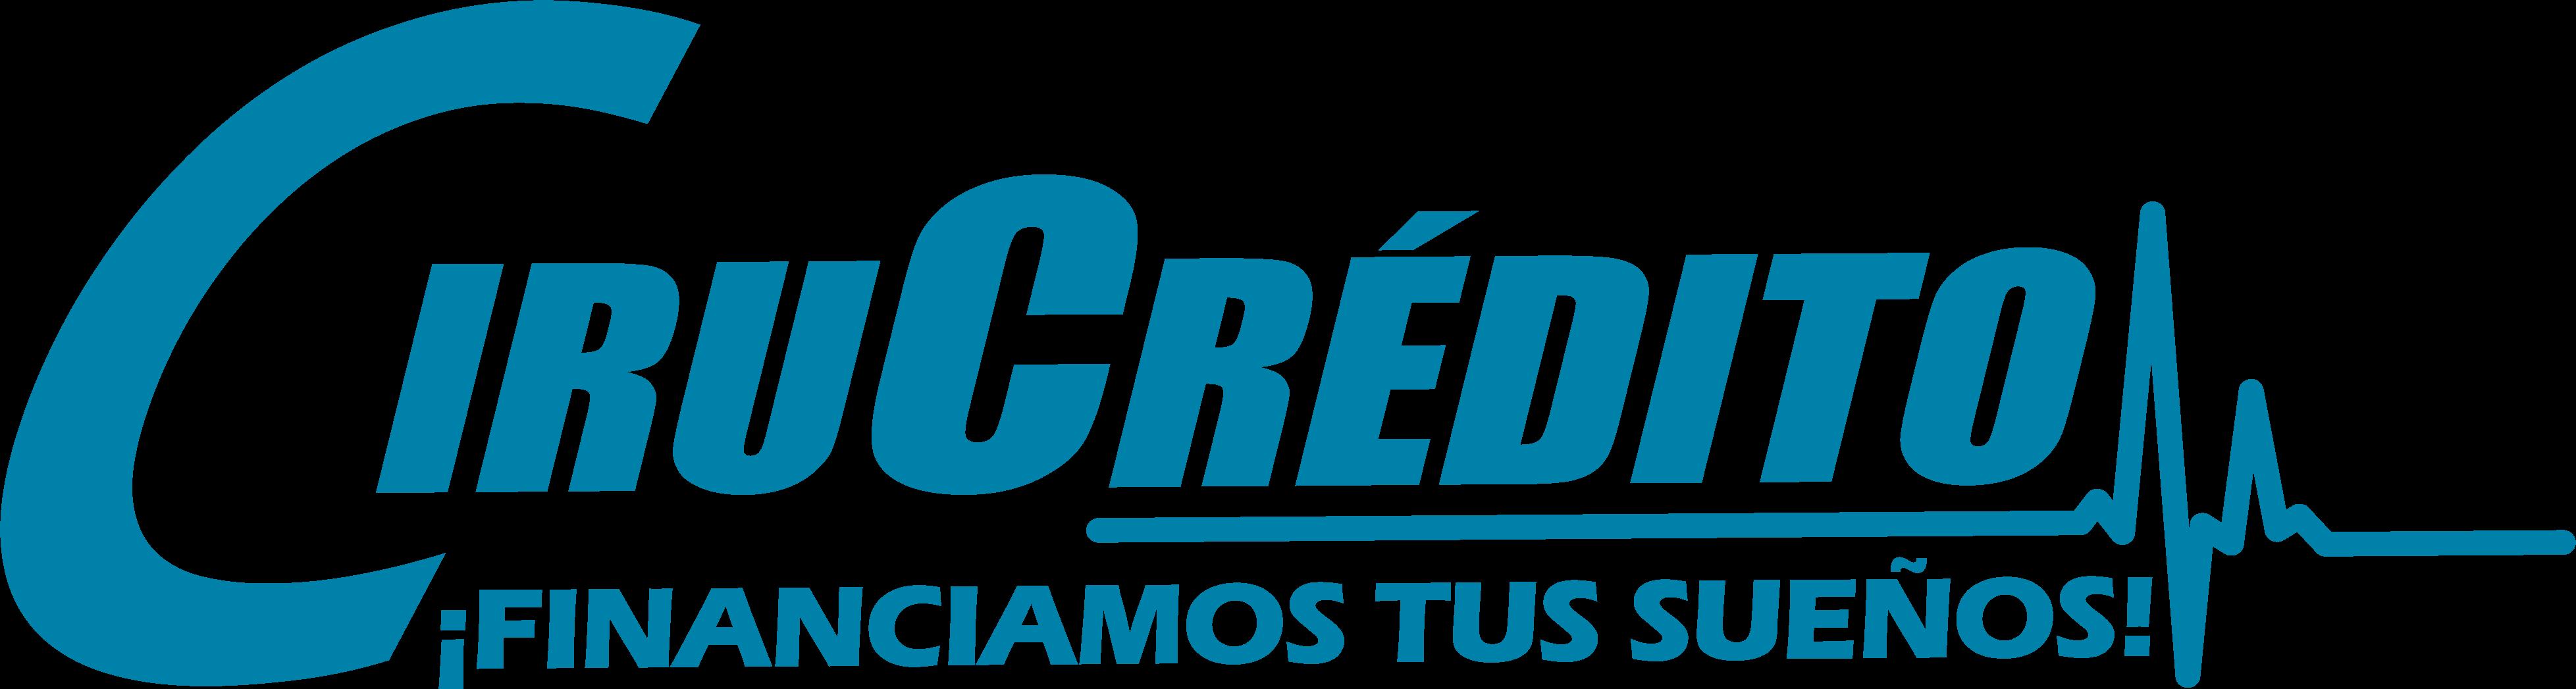 Logo Cirucrédito azul (3)